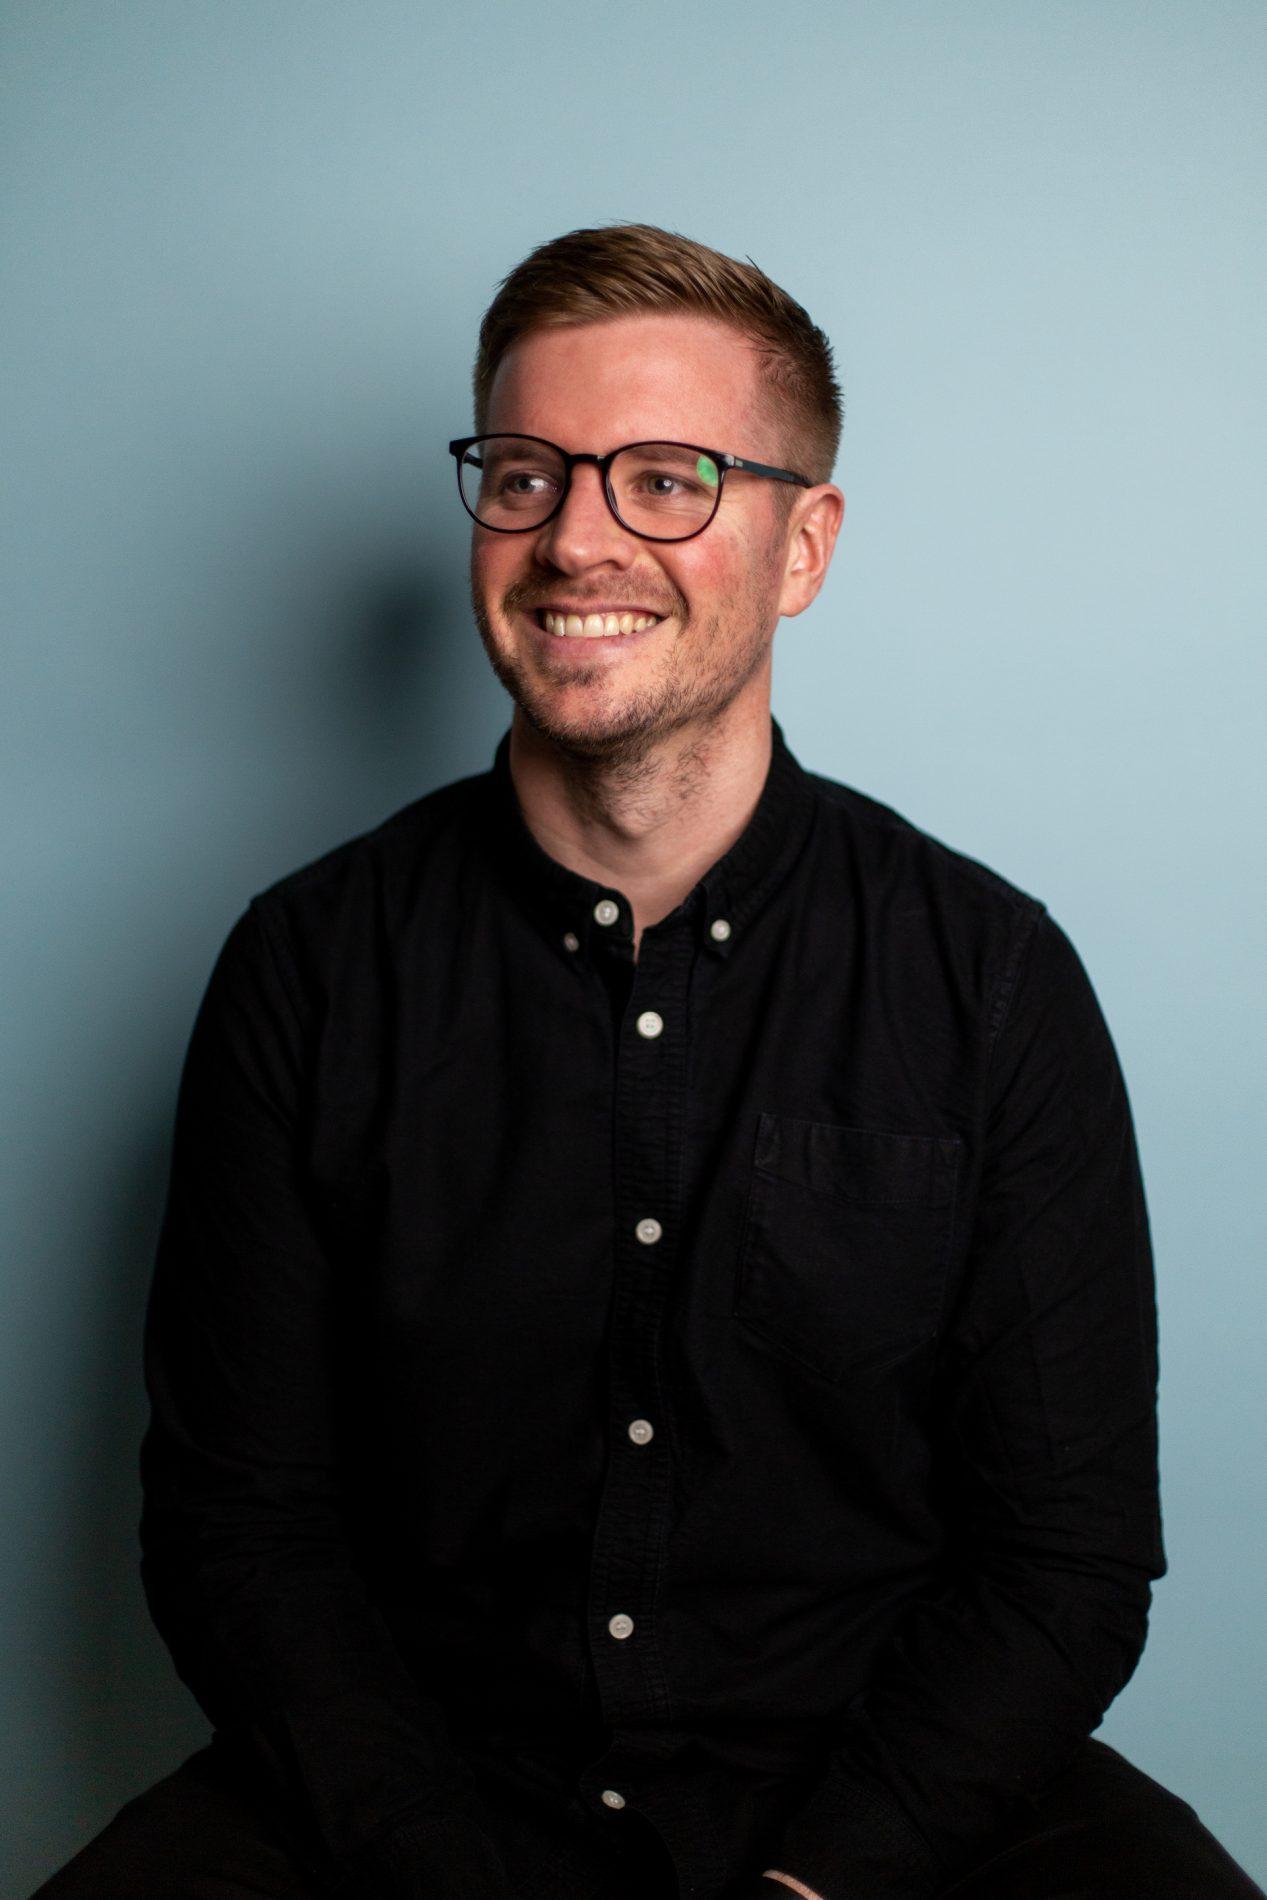 Shane Hatton